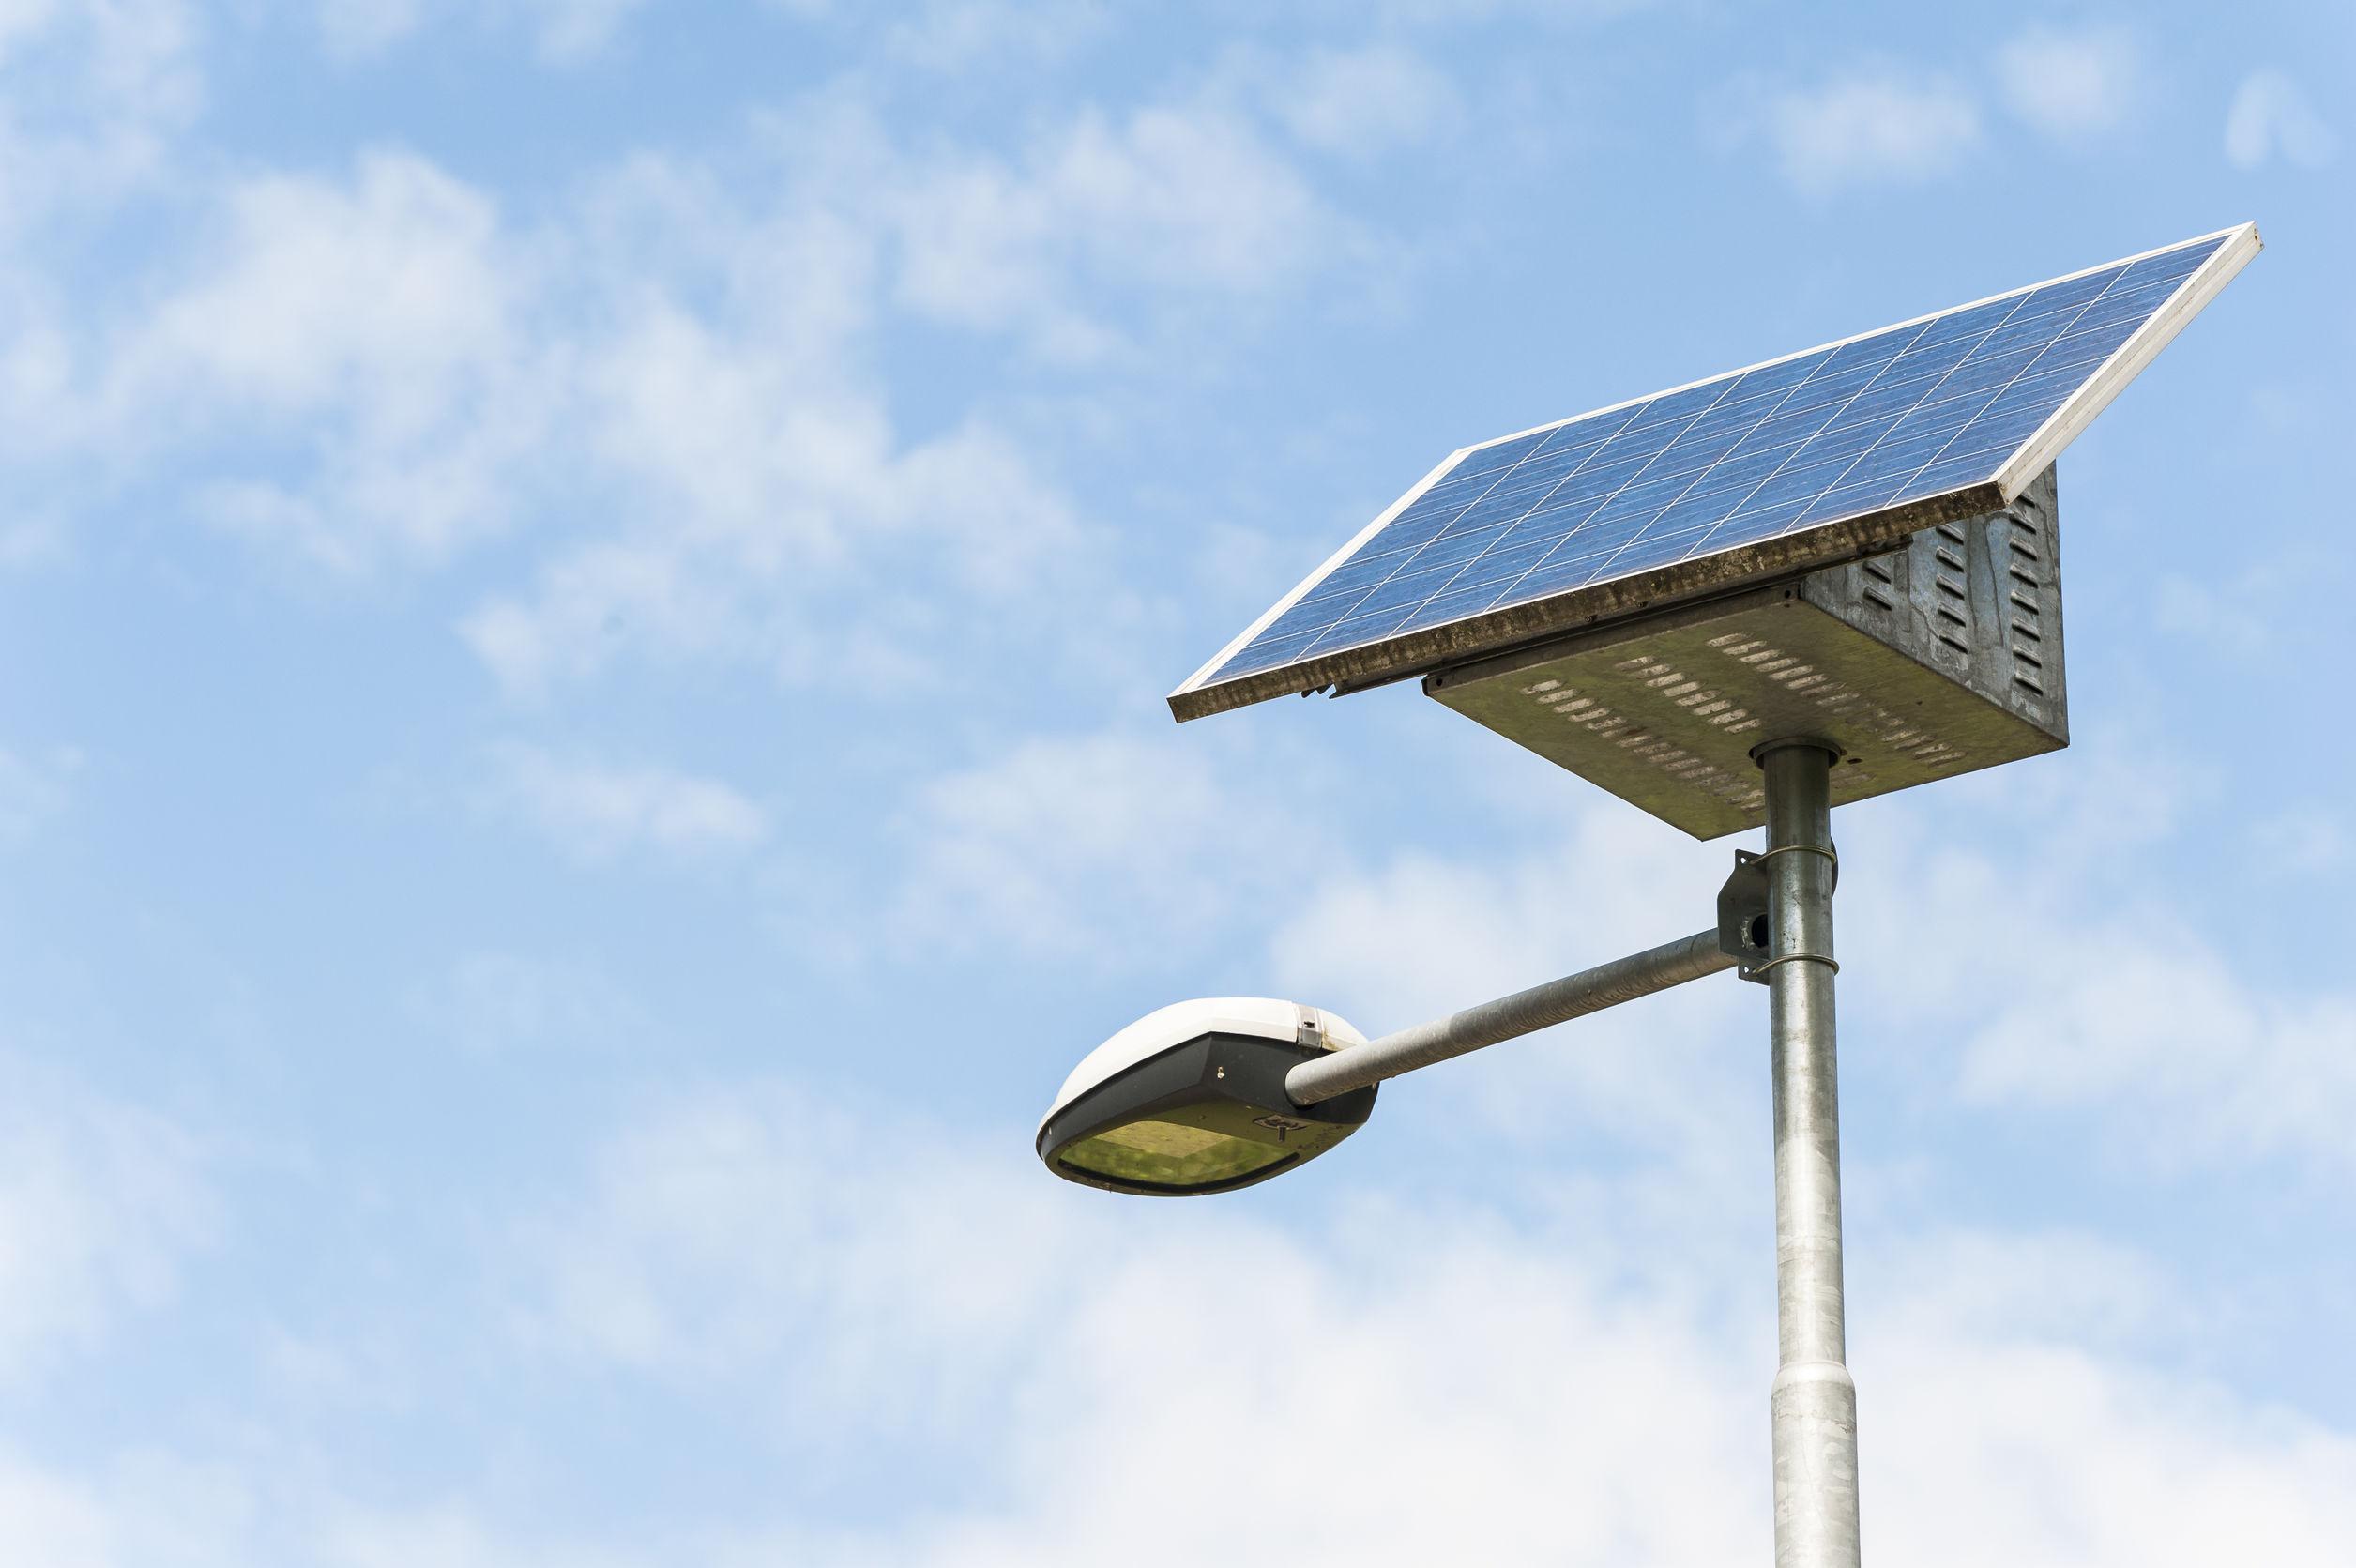 solarleuchte-test